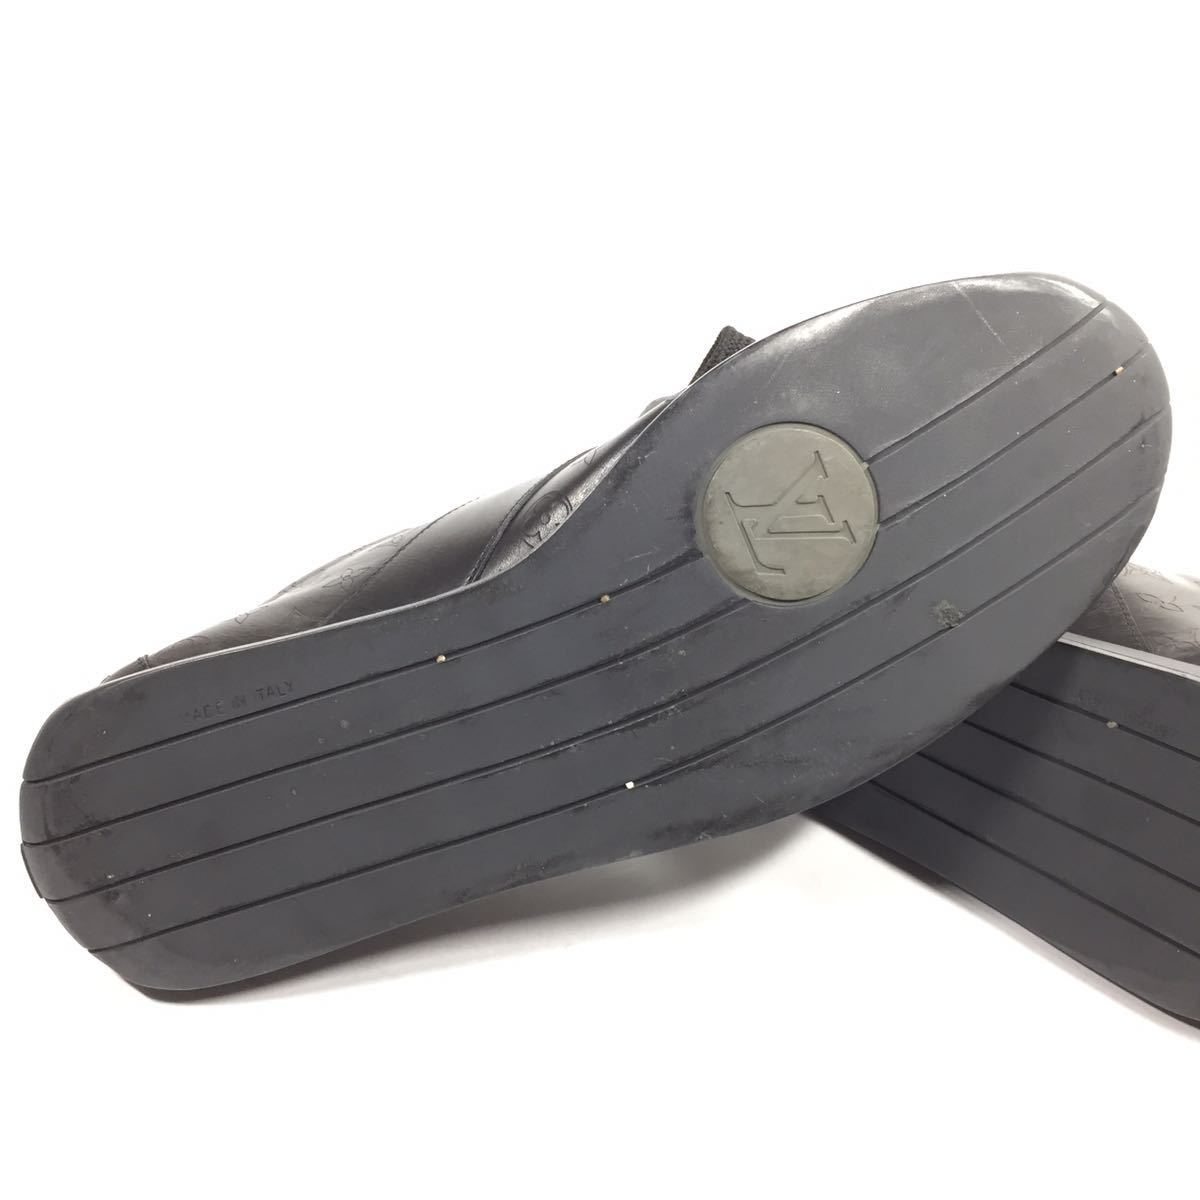 【ルイヴィトン】本物 LOUIS VUITTON 靴 28cm 黒 モノグラム スニーカー カジュアルシューズ 本革 レザー 男性用 メンズ イタリア製 9 1/2_画像4